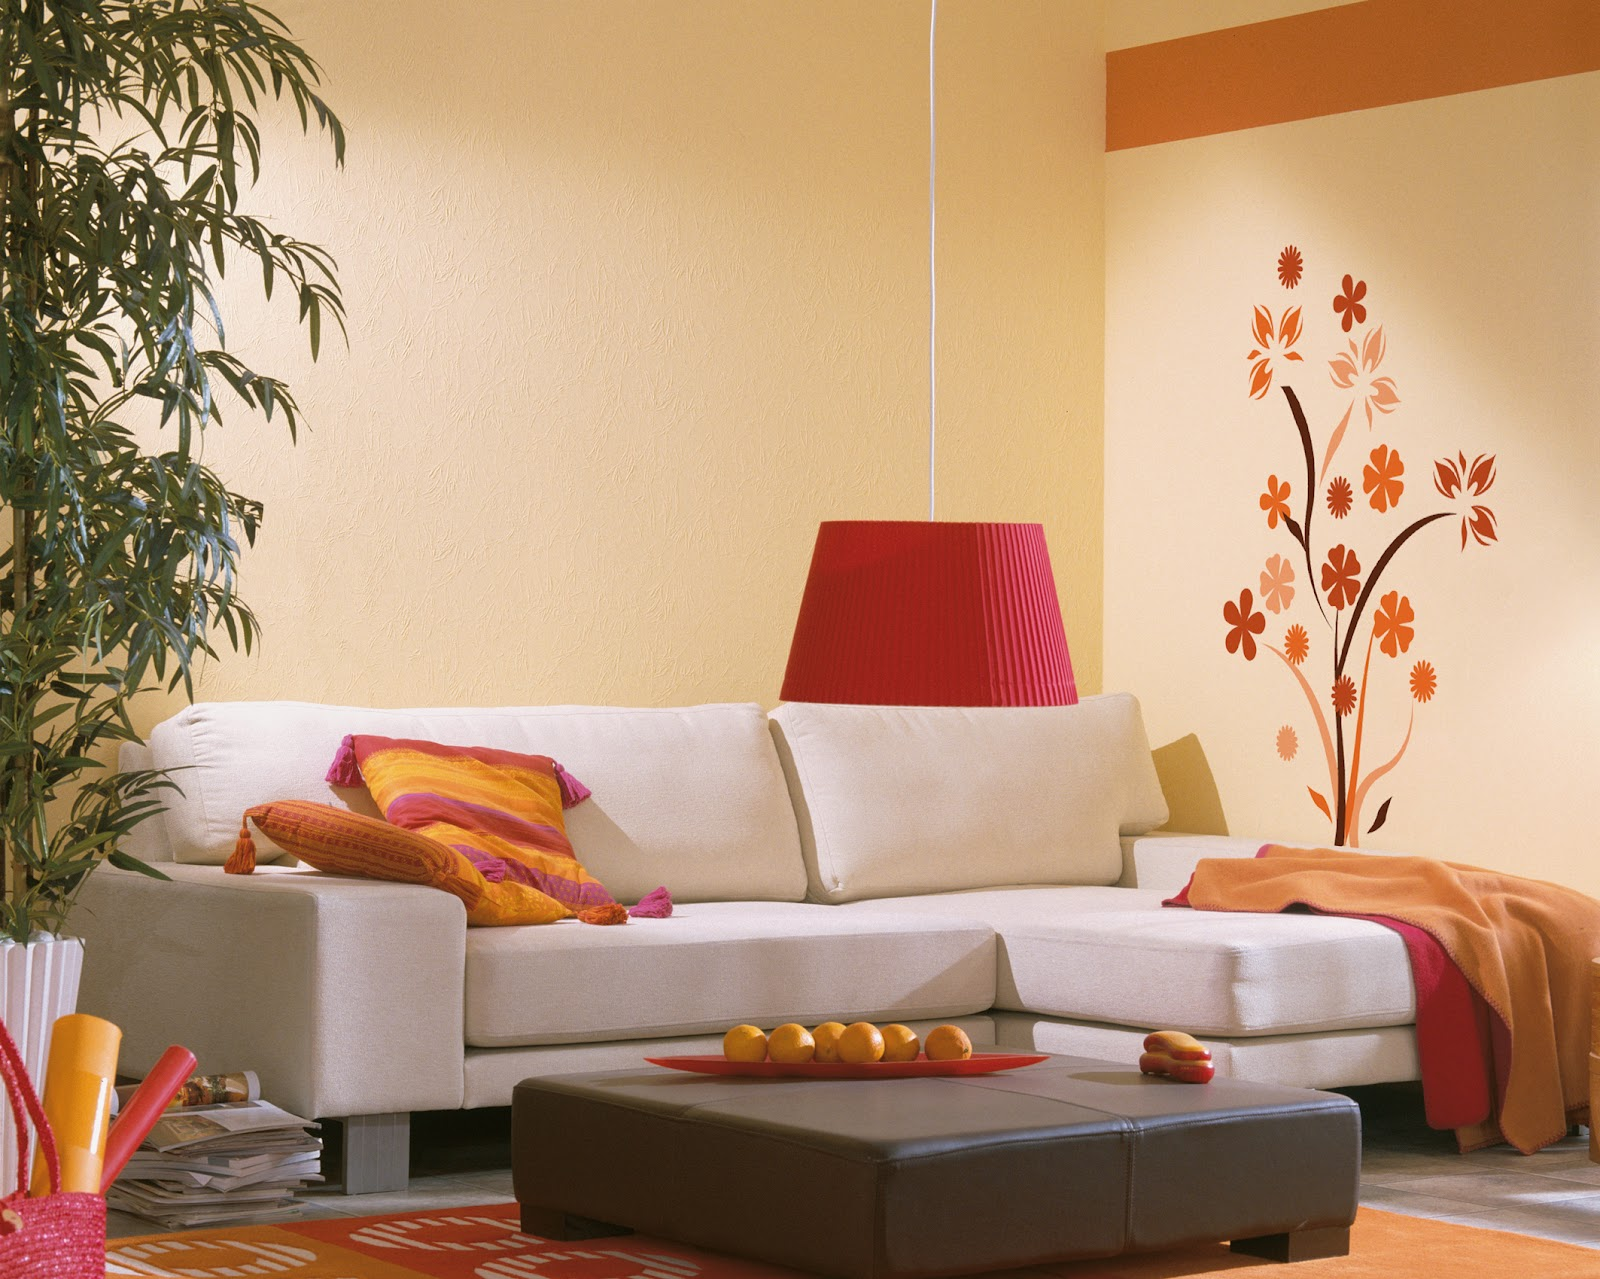 Muebles y Decoracin de Interiores febrero 2012